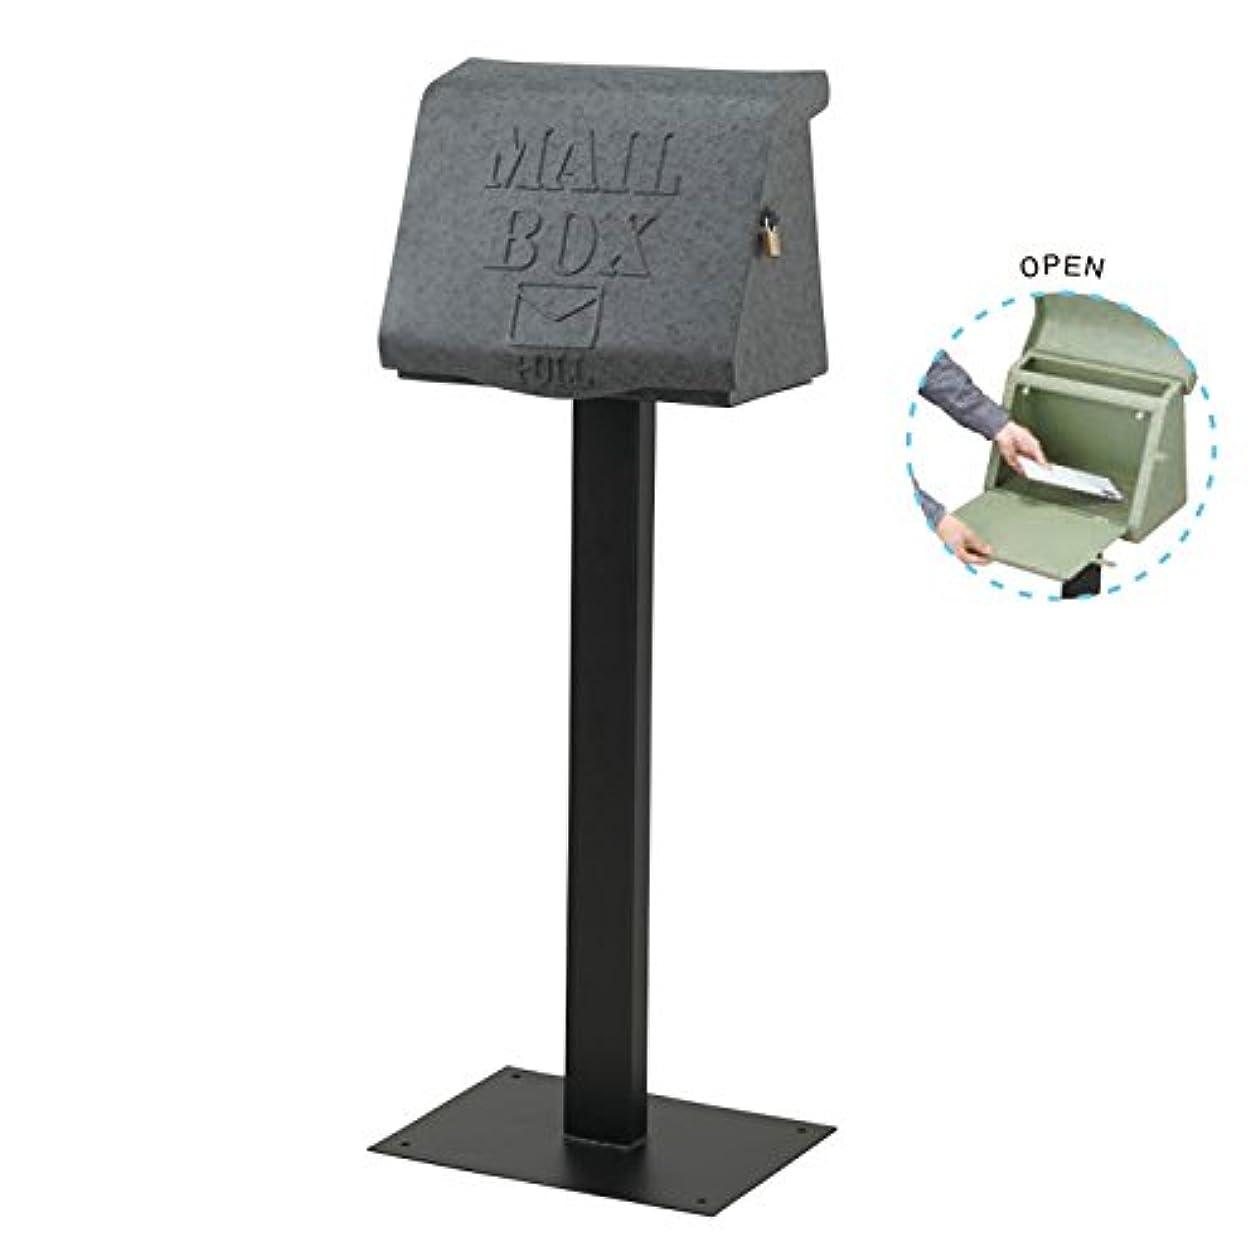 ムス最少ゴミ箱を空にするポスト 郵便受け スタンドタイプ スタンドポスト リッド グレー アンティーク加工 南京錠付き 組立式